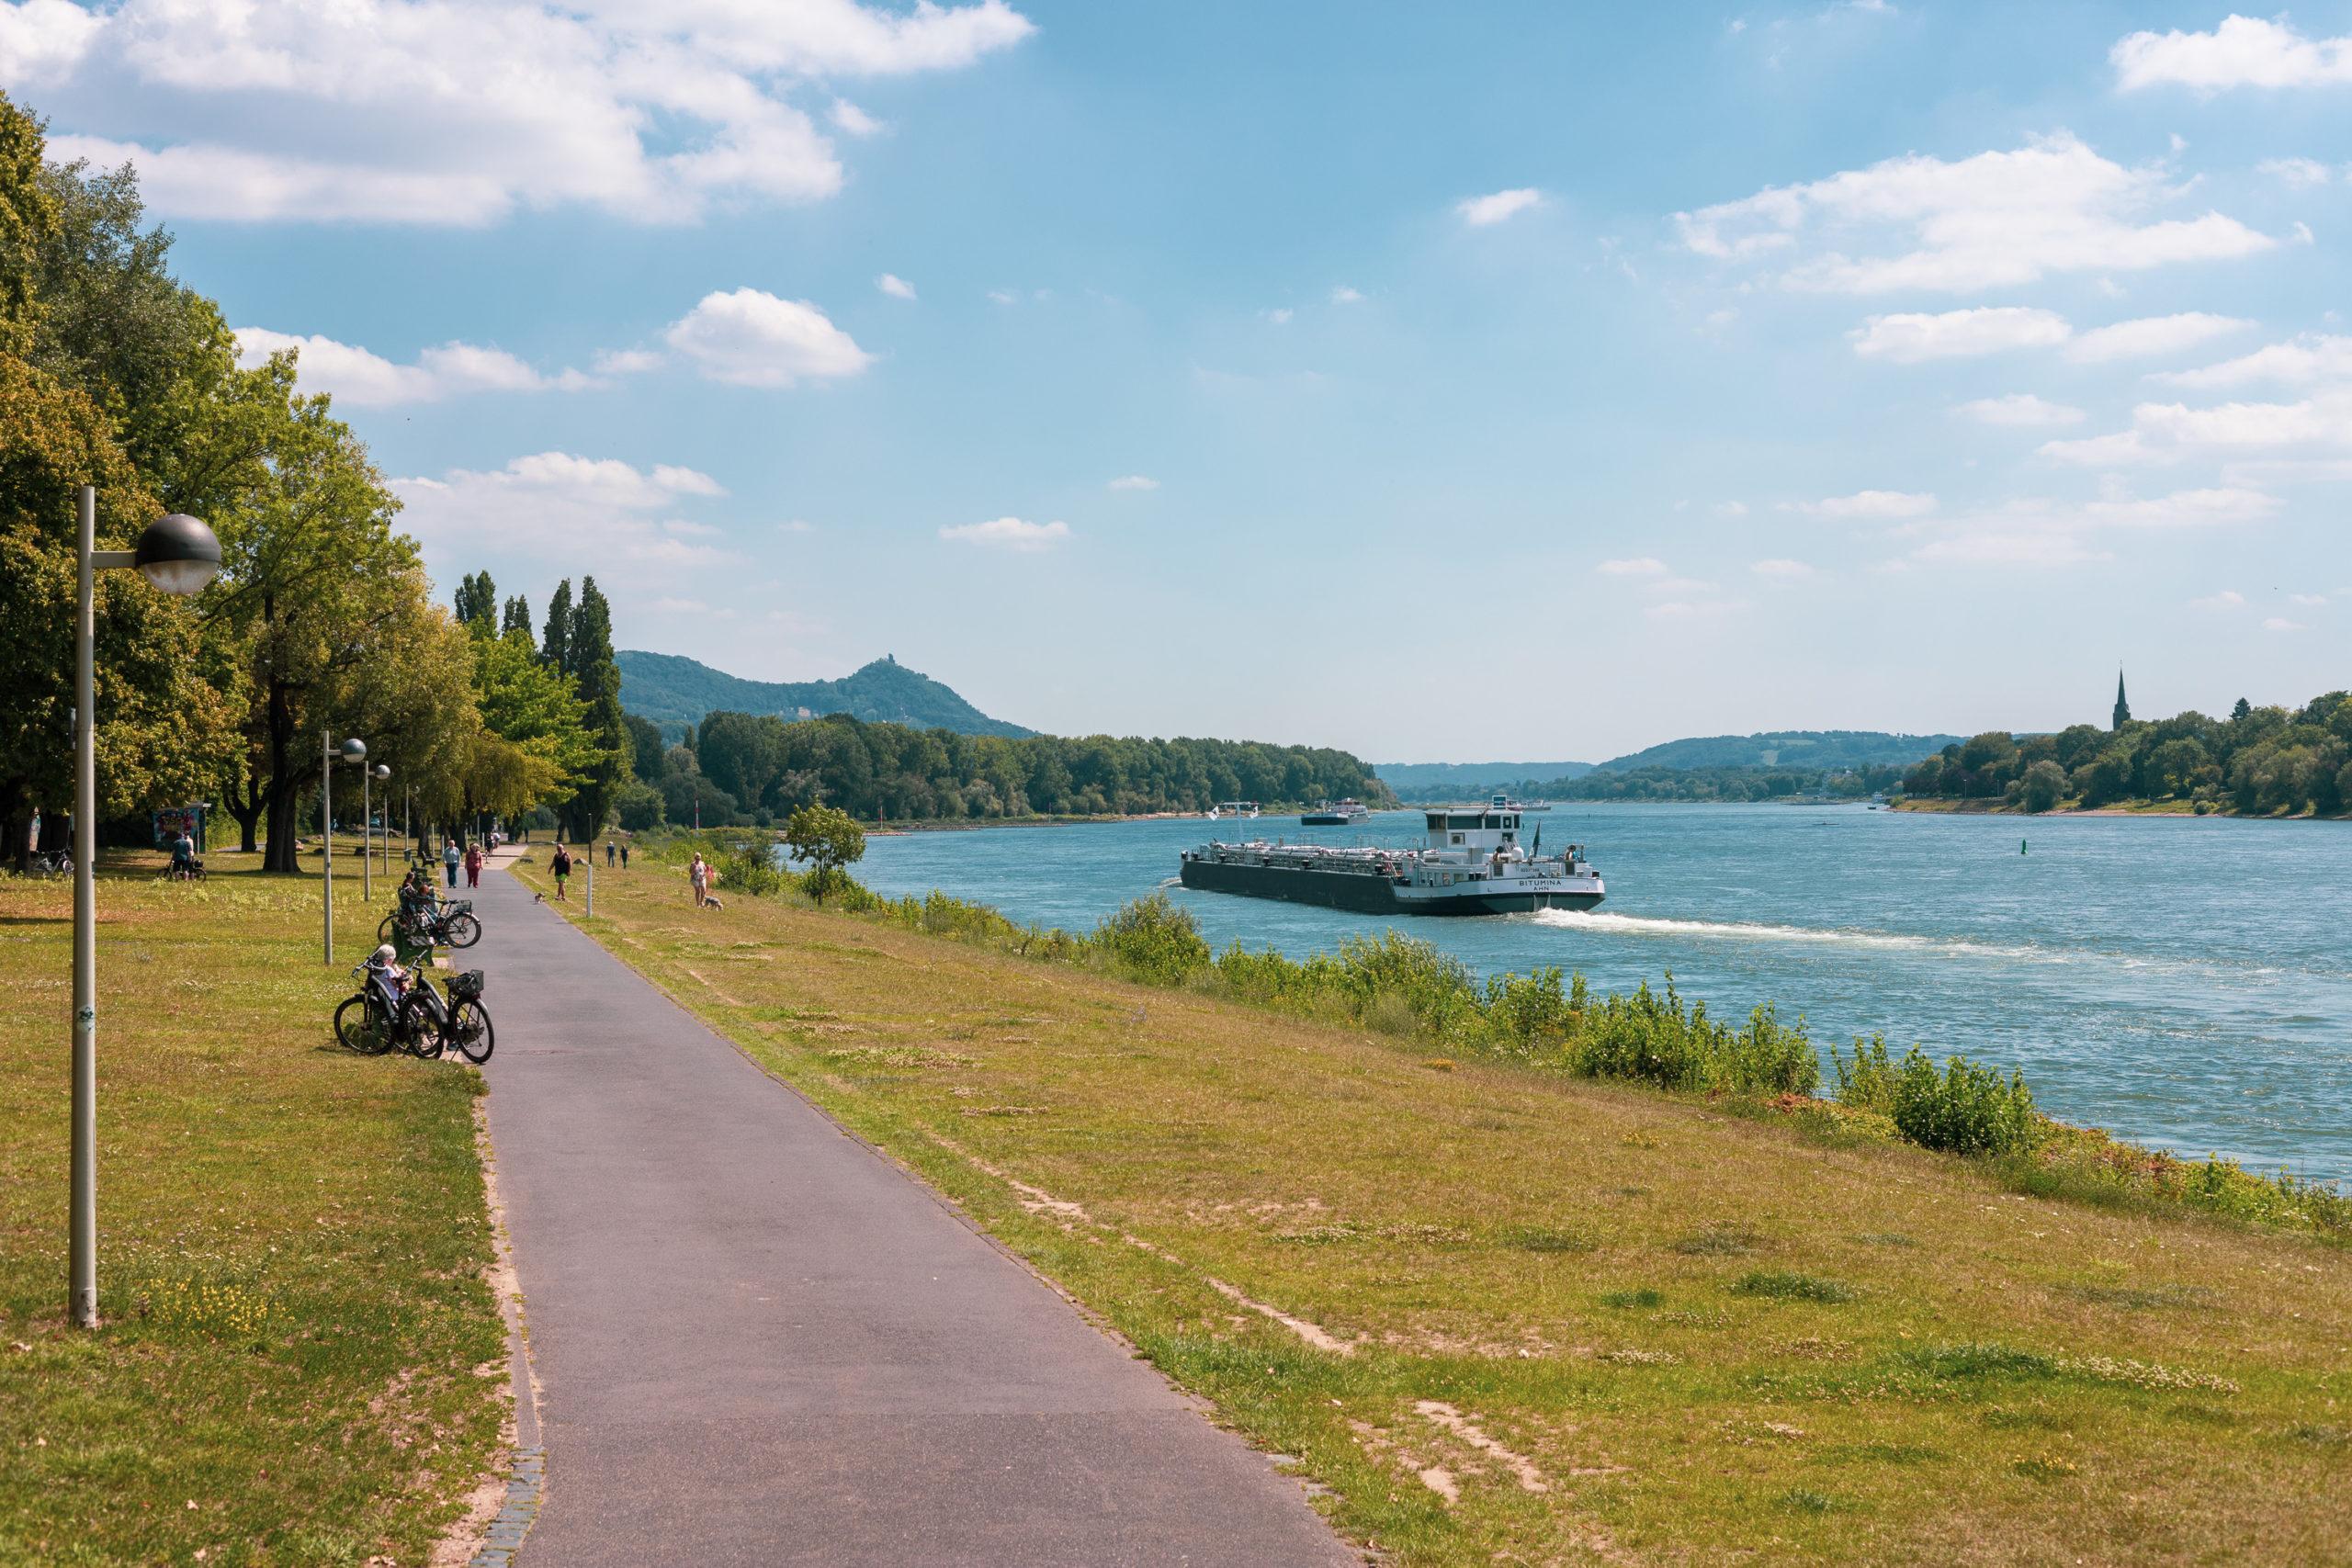 Der Rhein mit Frachtschiff auf der rechten Bildseite, links ein Grünstreifen, dahinter ein geteerter Weg, an dessen Rand stehen mehrere Bänke, darauf Leute, davor Fahrräder.